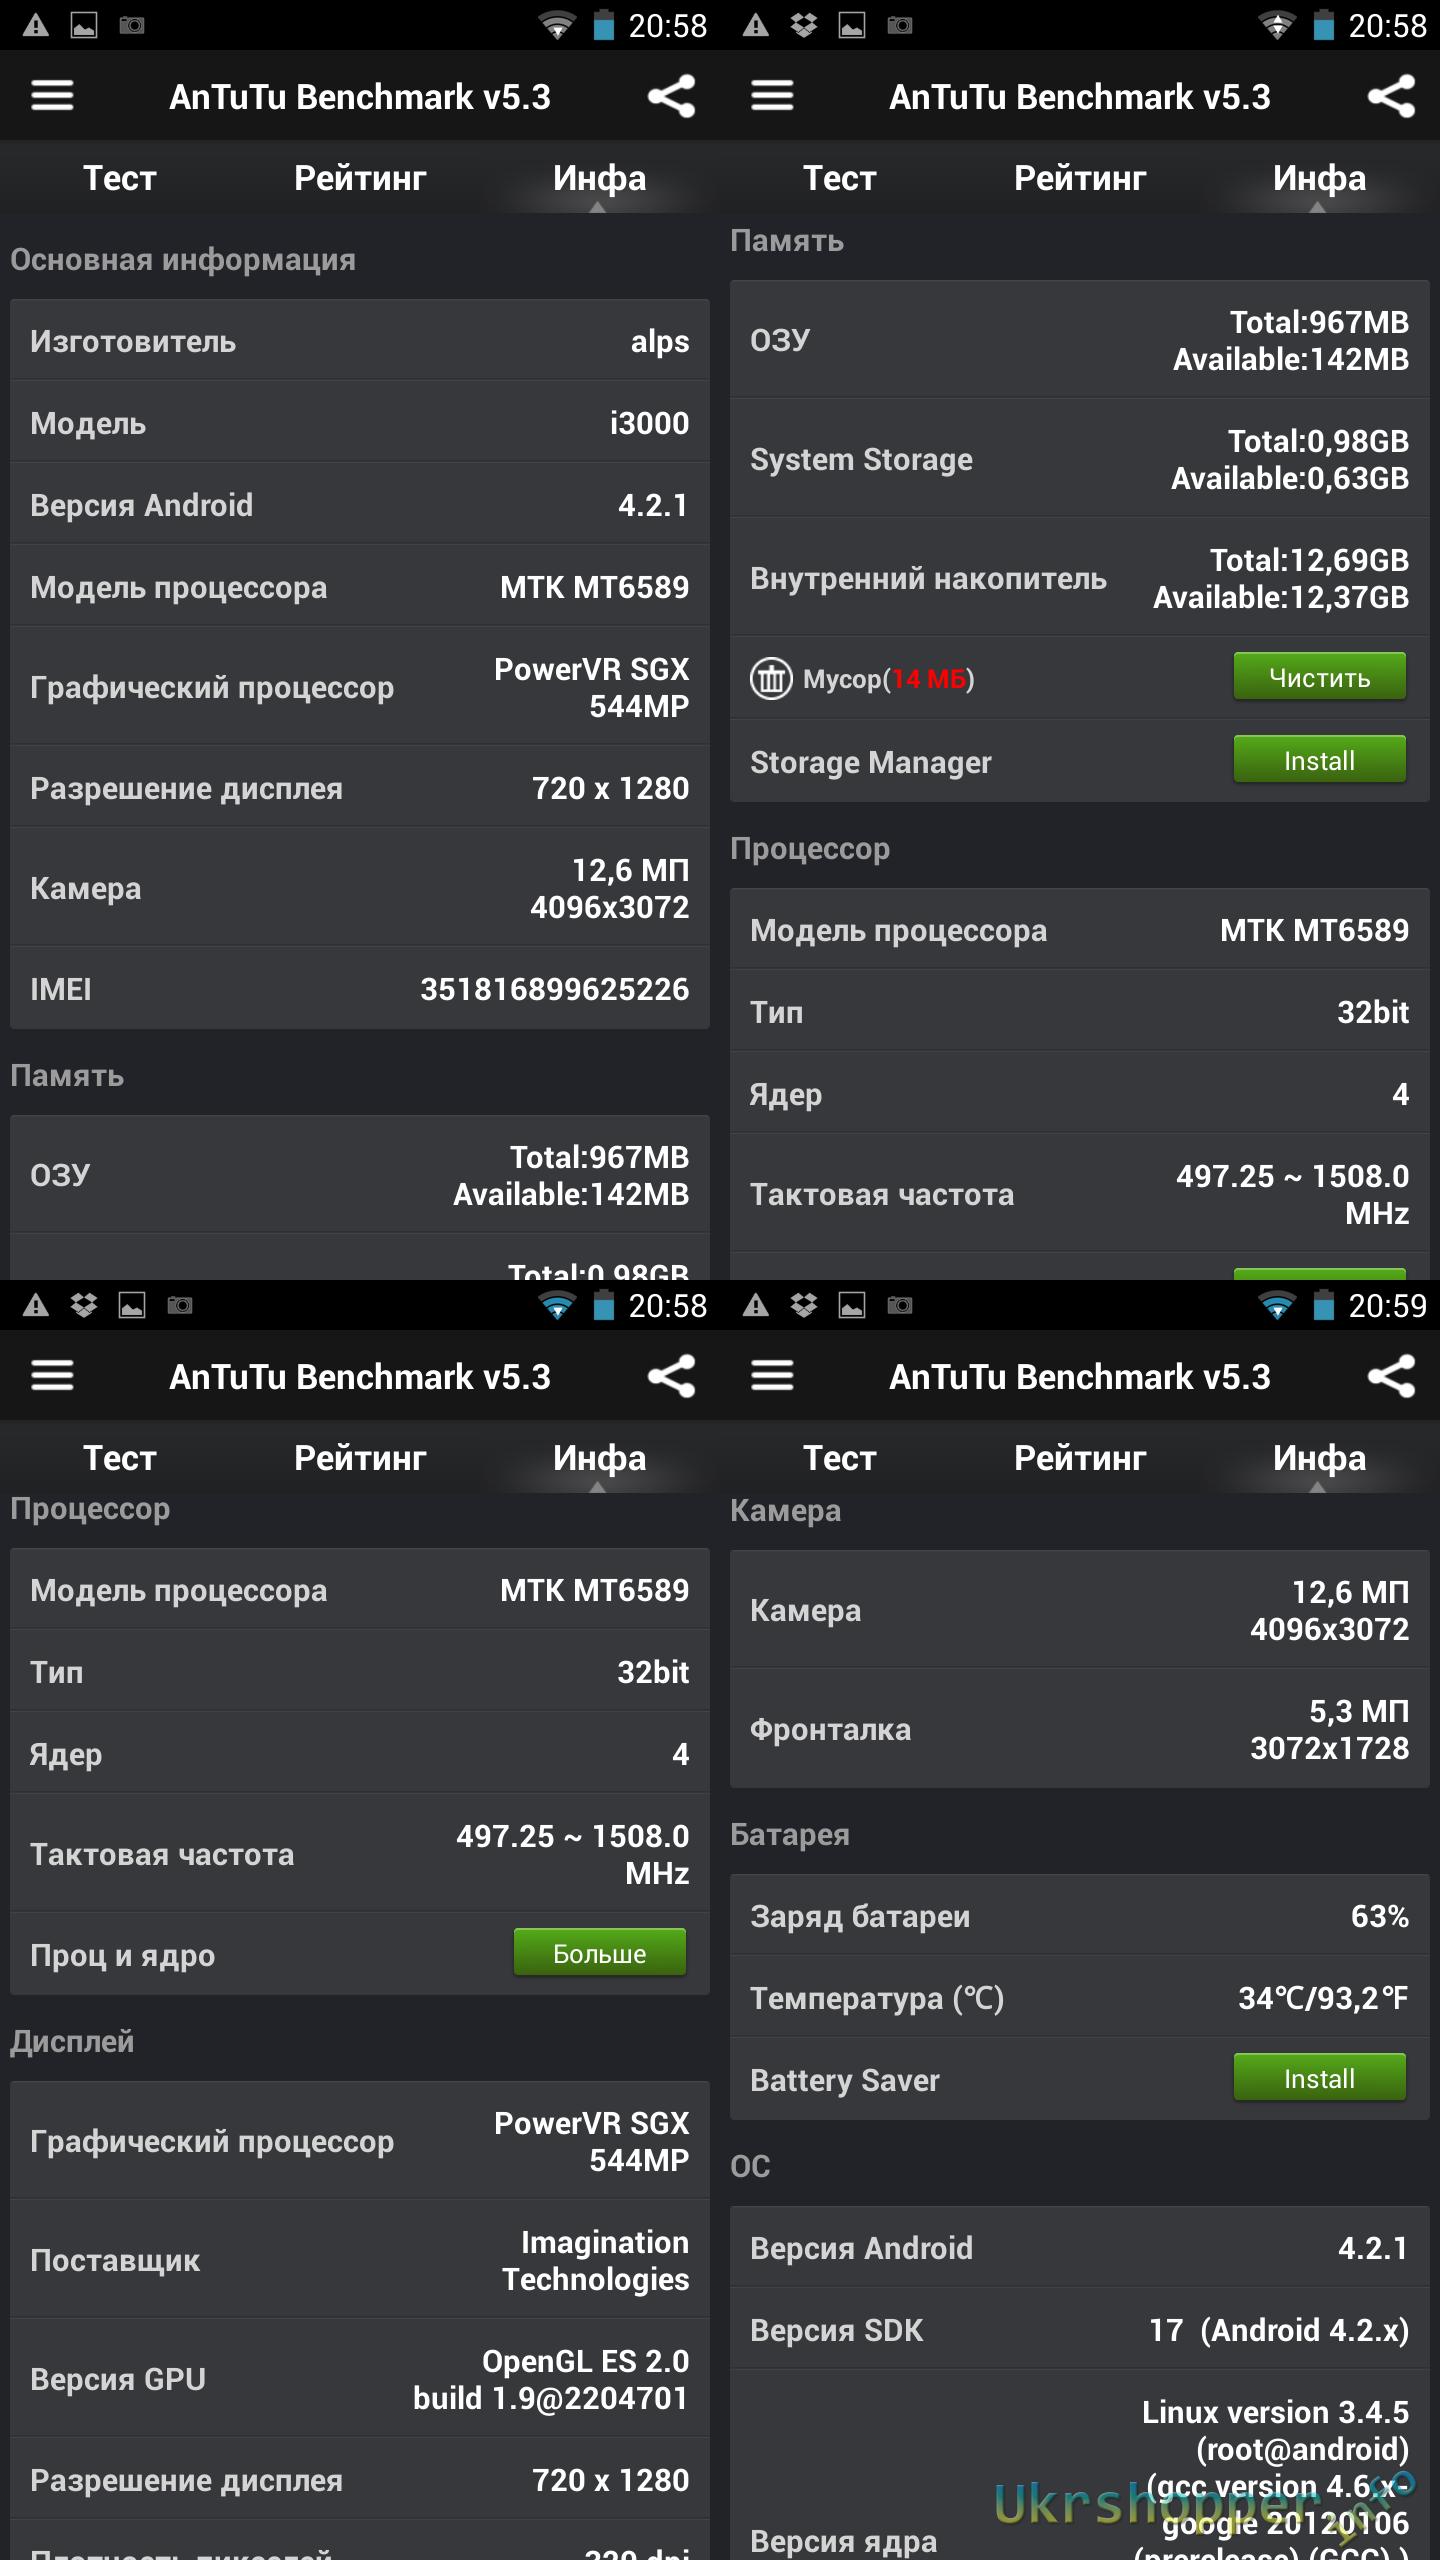 CooliCool: Обзор INEW I3000 купленного с 50% скидкой.